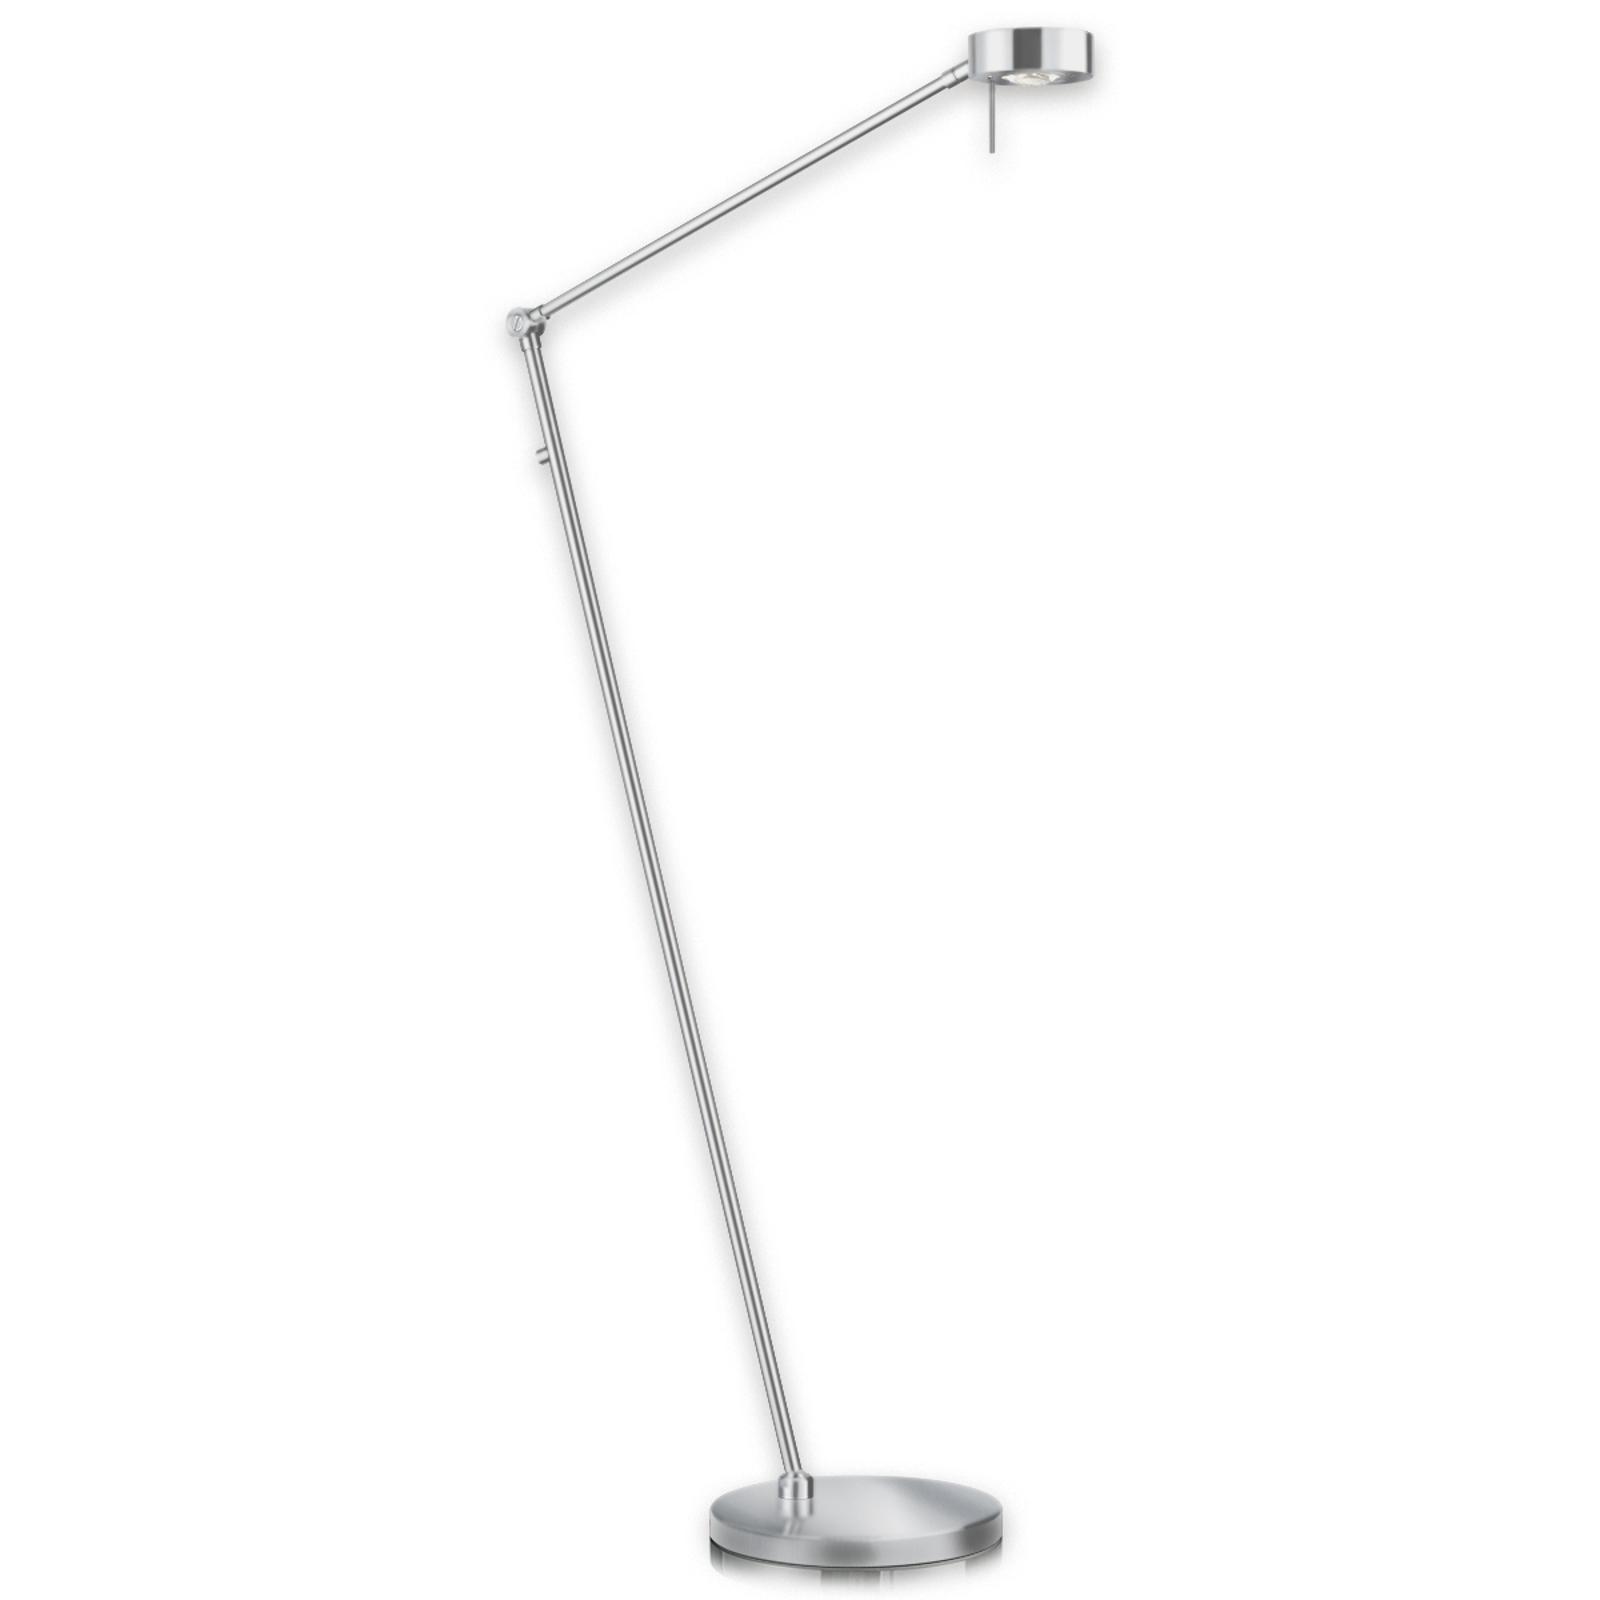 Kapea LED-lattiavalaisin Elegance, 3 niveltä